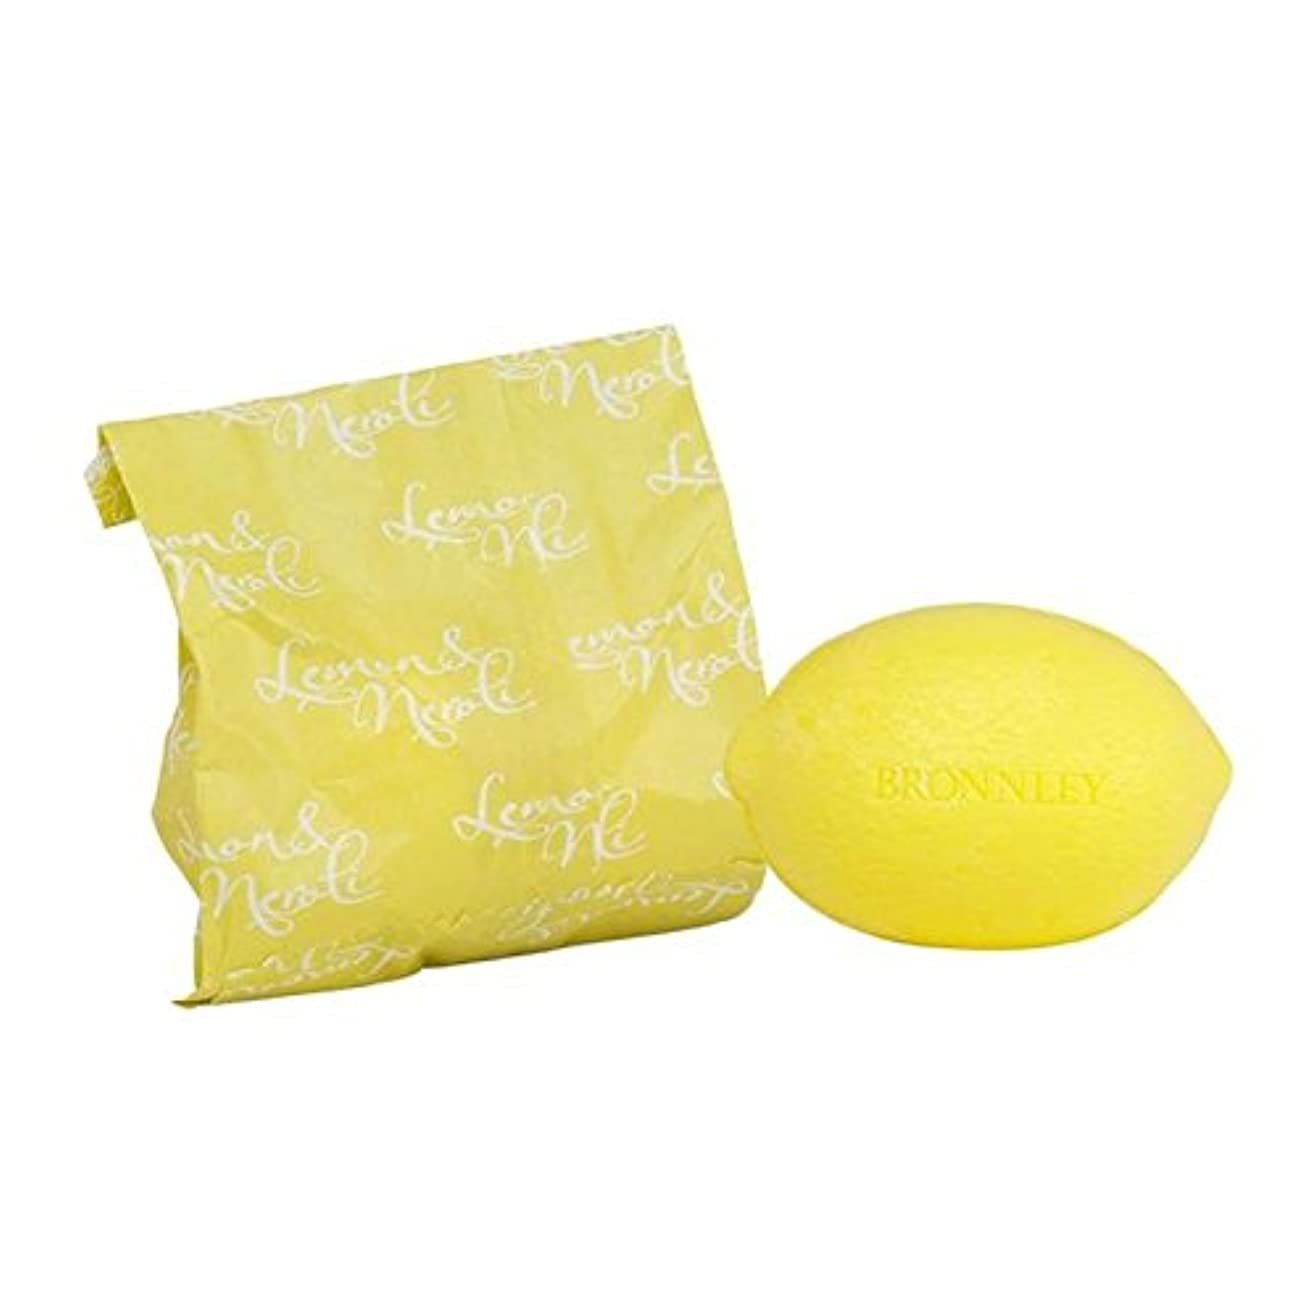 暫定化粧変わるレモン&ネロリ石鹸100グラム x4 - Bronnley Lemon & Neroli Soap 100g (Pack of 4) [並行輸入品]